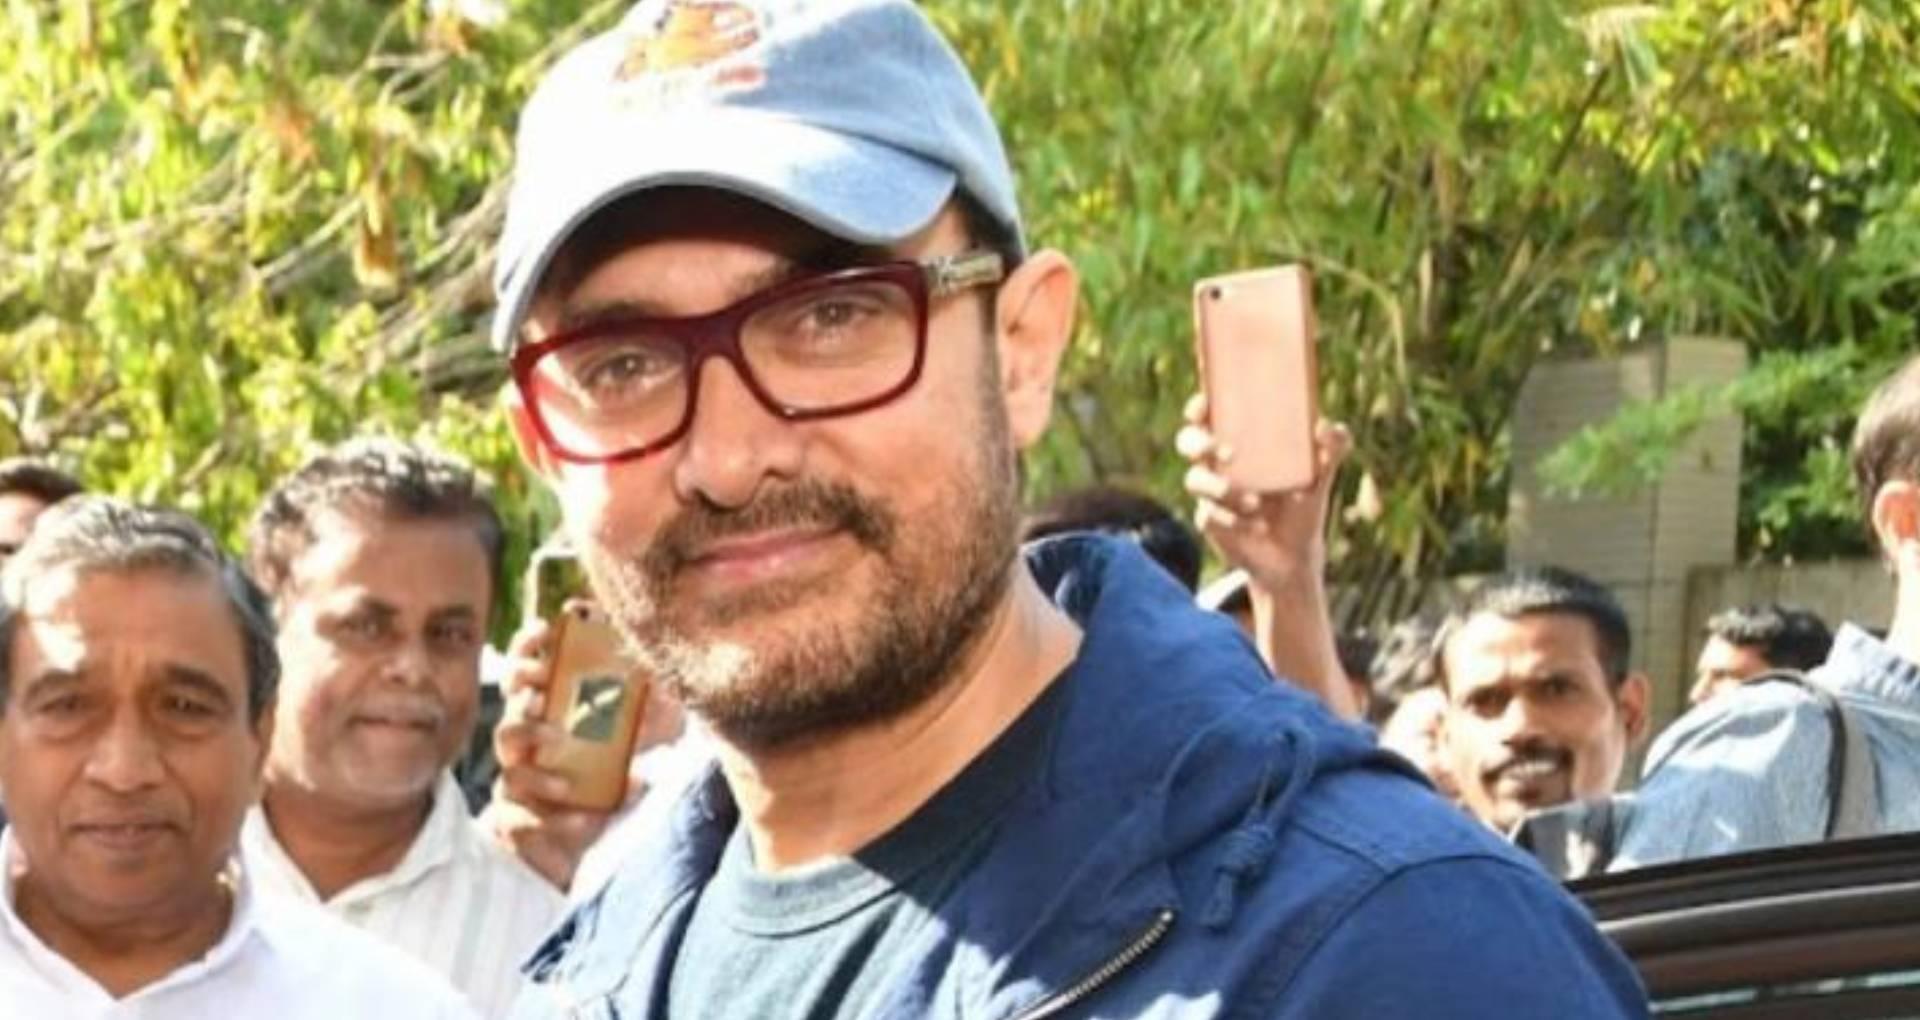 आमिर खान ने बाढ़ पीड़ितों की मदद के लिए डोनेट किए 25 लाख रुपए, महाराष्ट्र के मुख्यमंत्री ने ऐसे जताया आभार